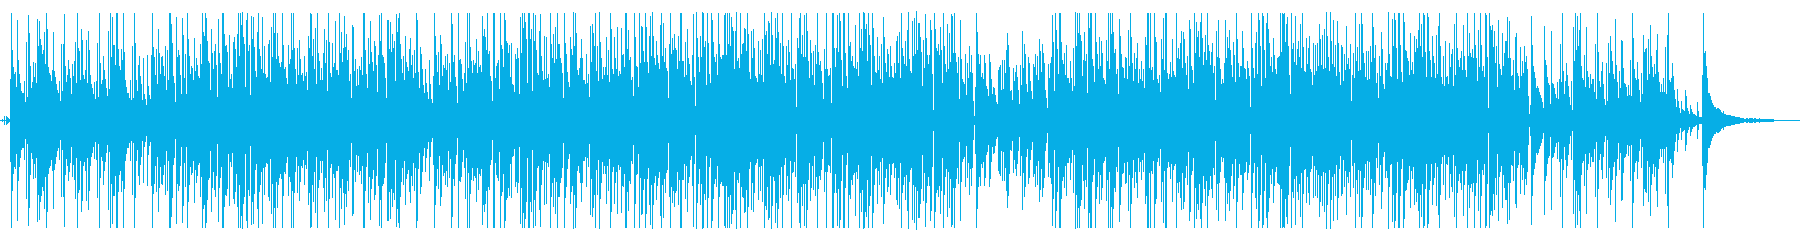 落ち着くボサノバギターBGM Longの再生済みの波形